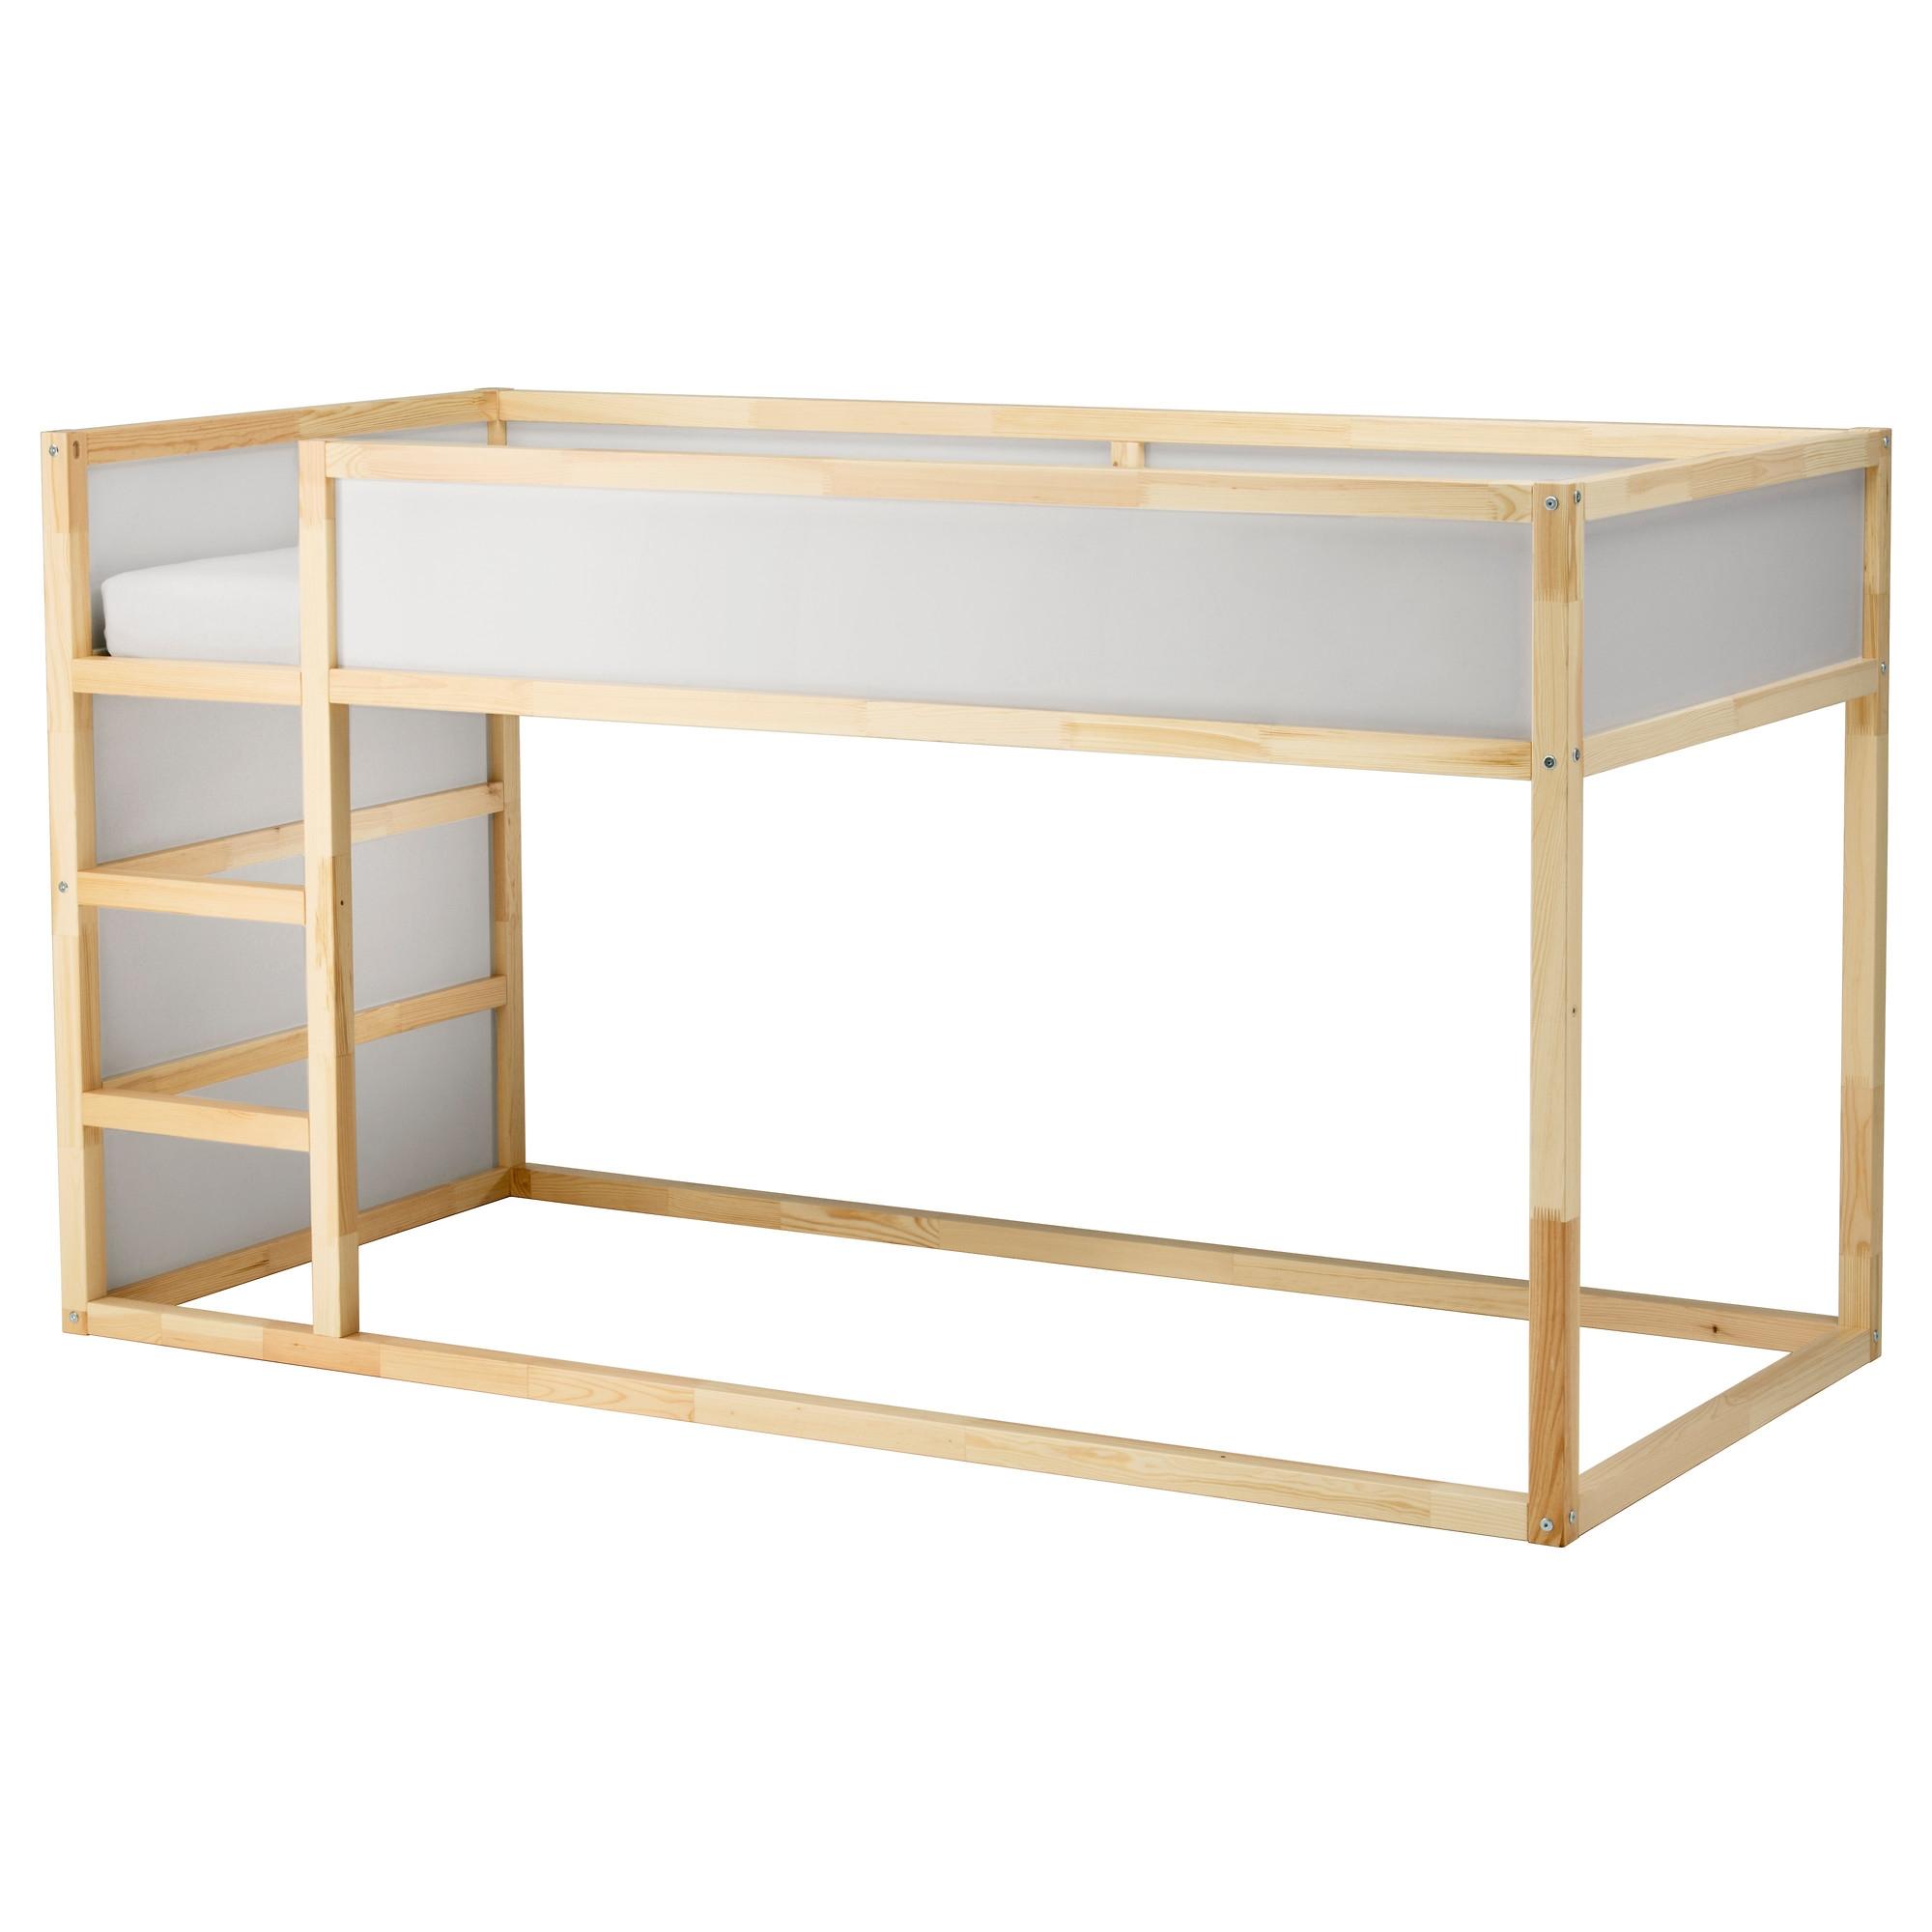 Kura cama reversible - Ikea camas para ninos ...